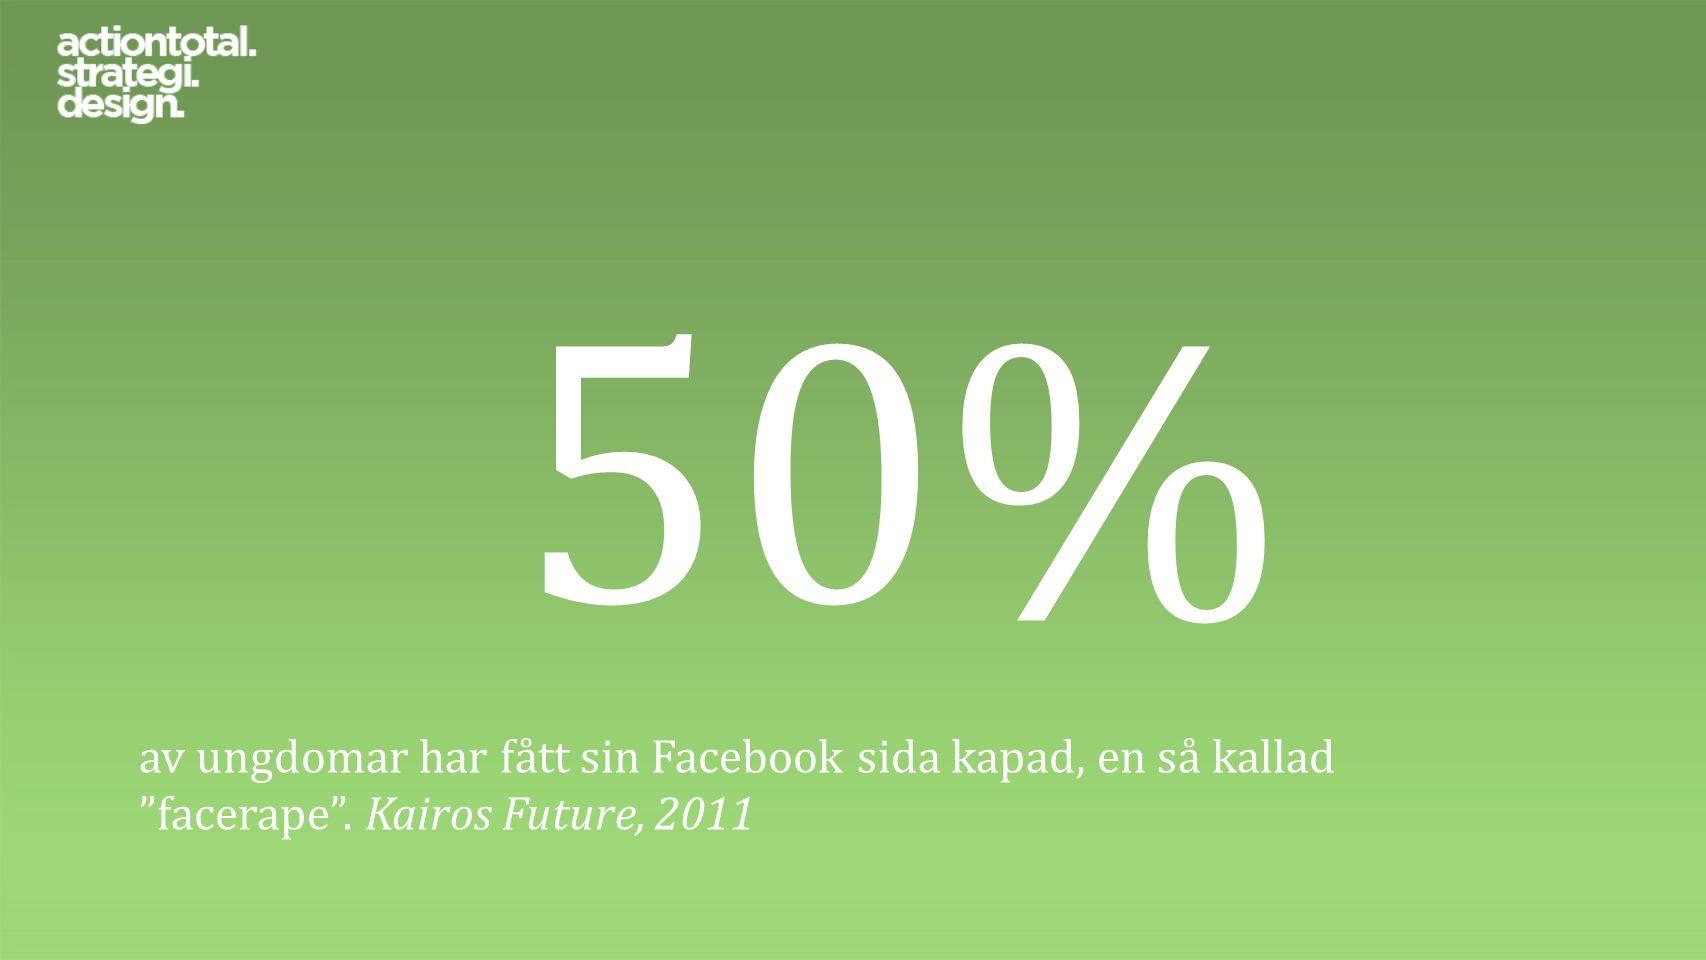 """50% av ungdomar har fått sin Facebook sida kapad, en så kallad """"facerape"""". Kairos Future, 2011"""